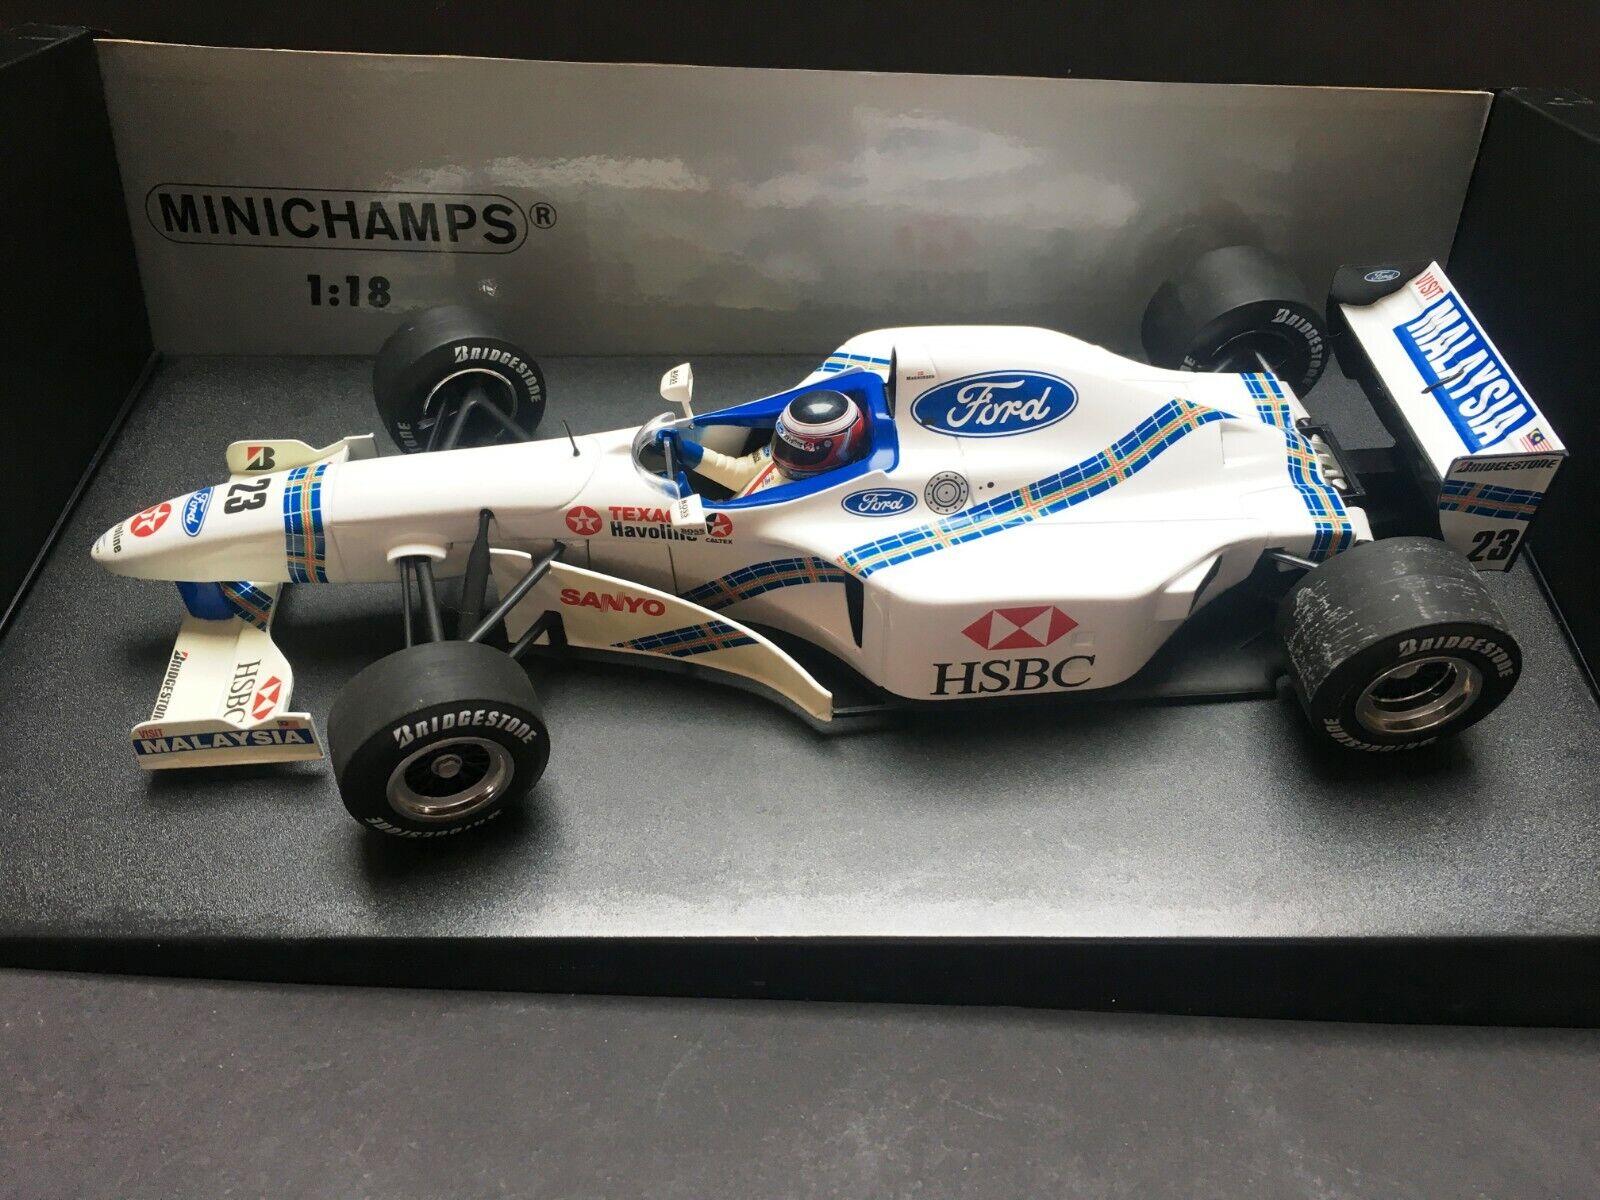 Minichamps - Jan Magnussen - Stewart - SF1 - 1 18 - 1997 - Rare